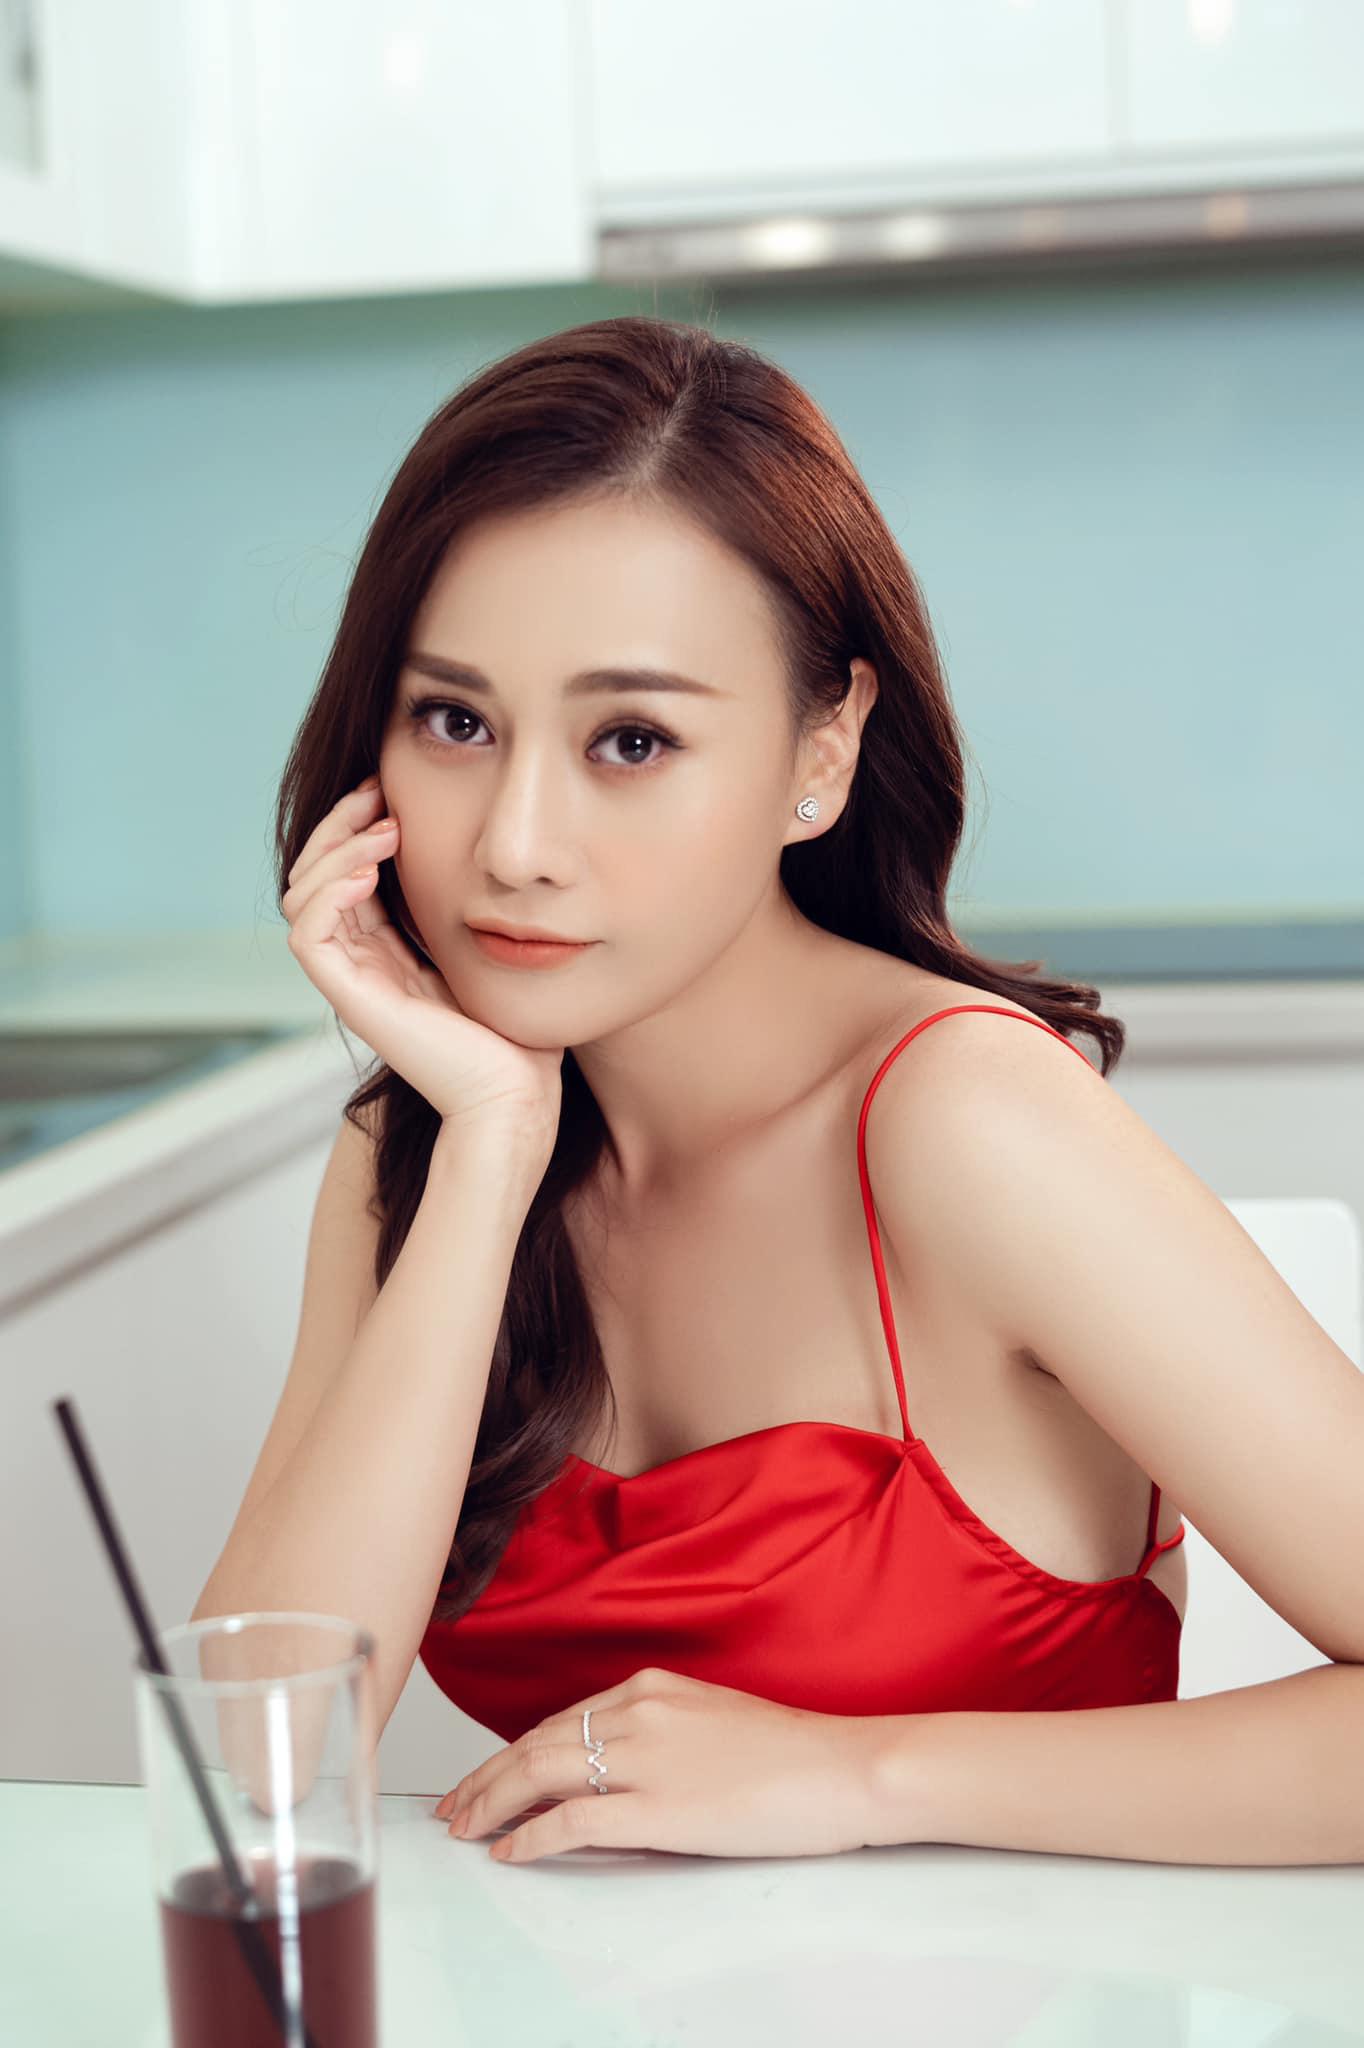 Học lỏm bí quyết diện đồ hè năng động, cá tính từ diễn viên Phương Oanh - Ảnh 8.